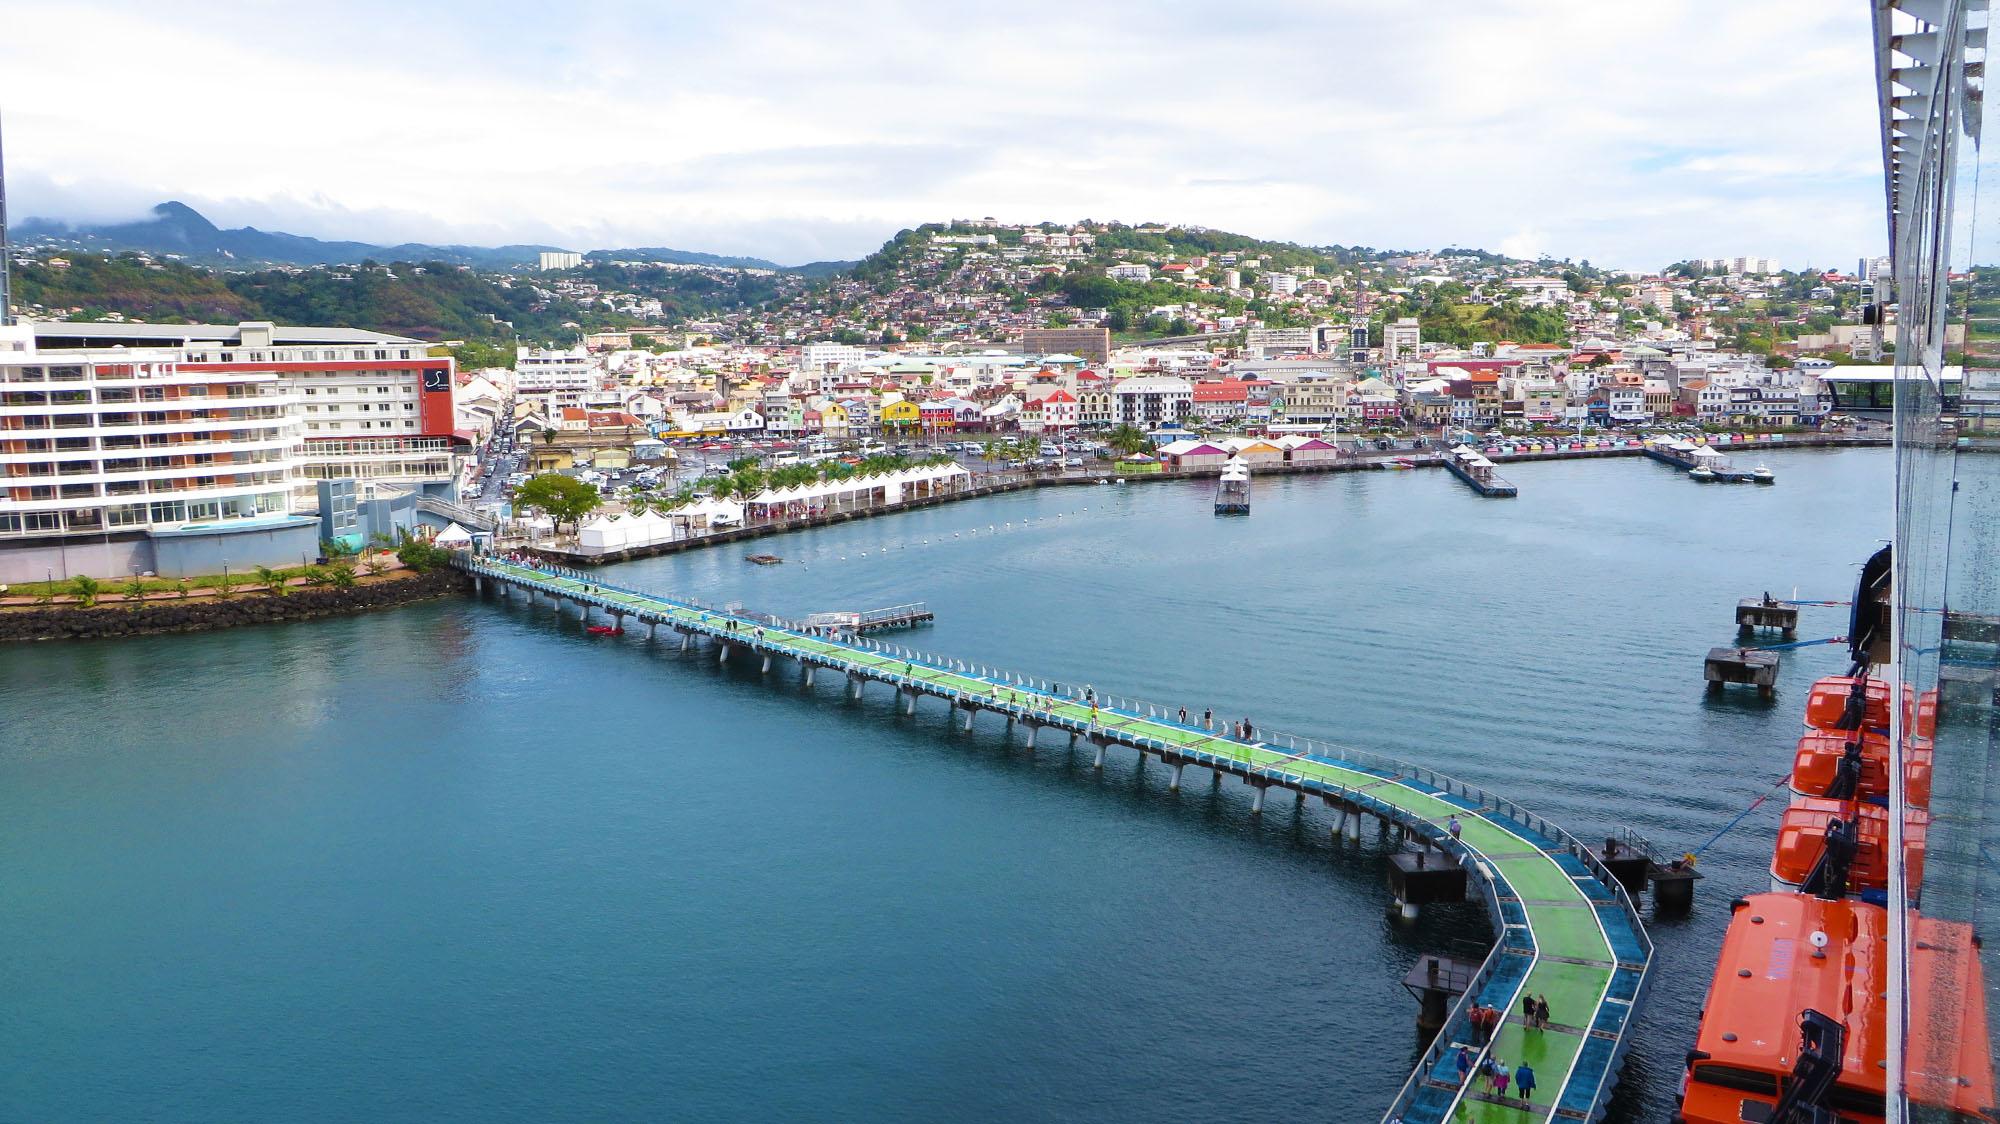 Blick auf die Hauptstadt von Martinique Fort-de-France